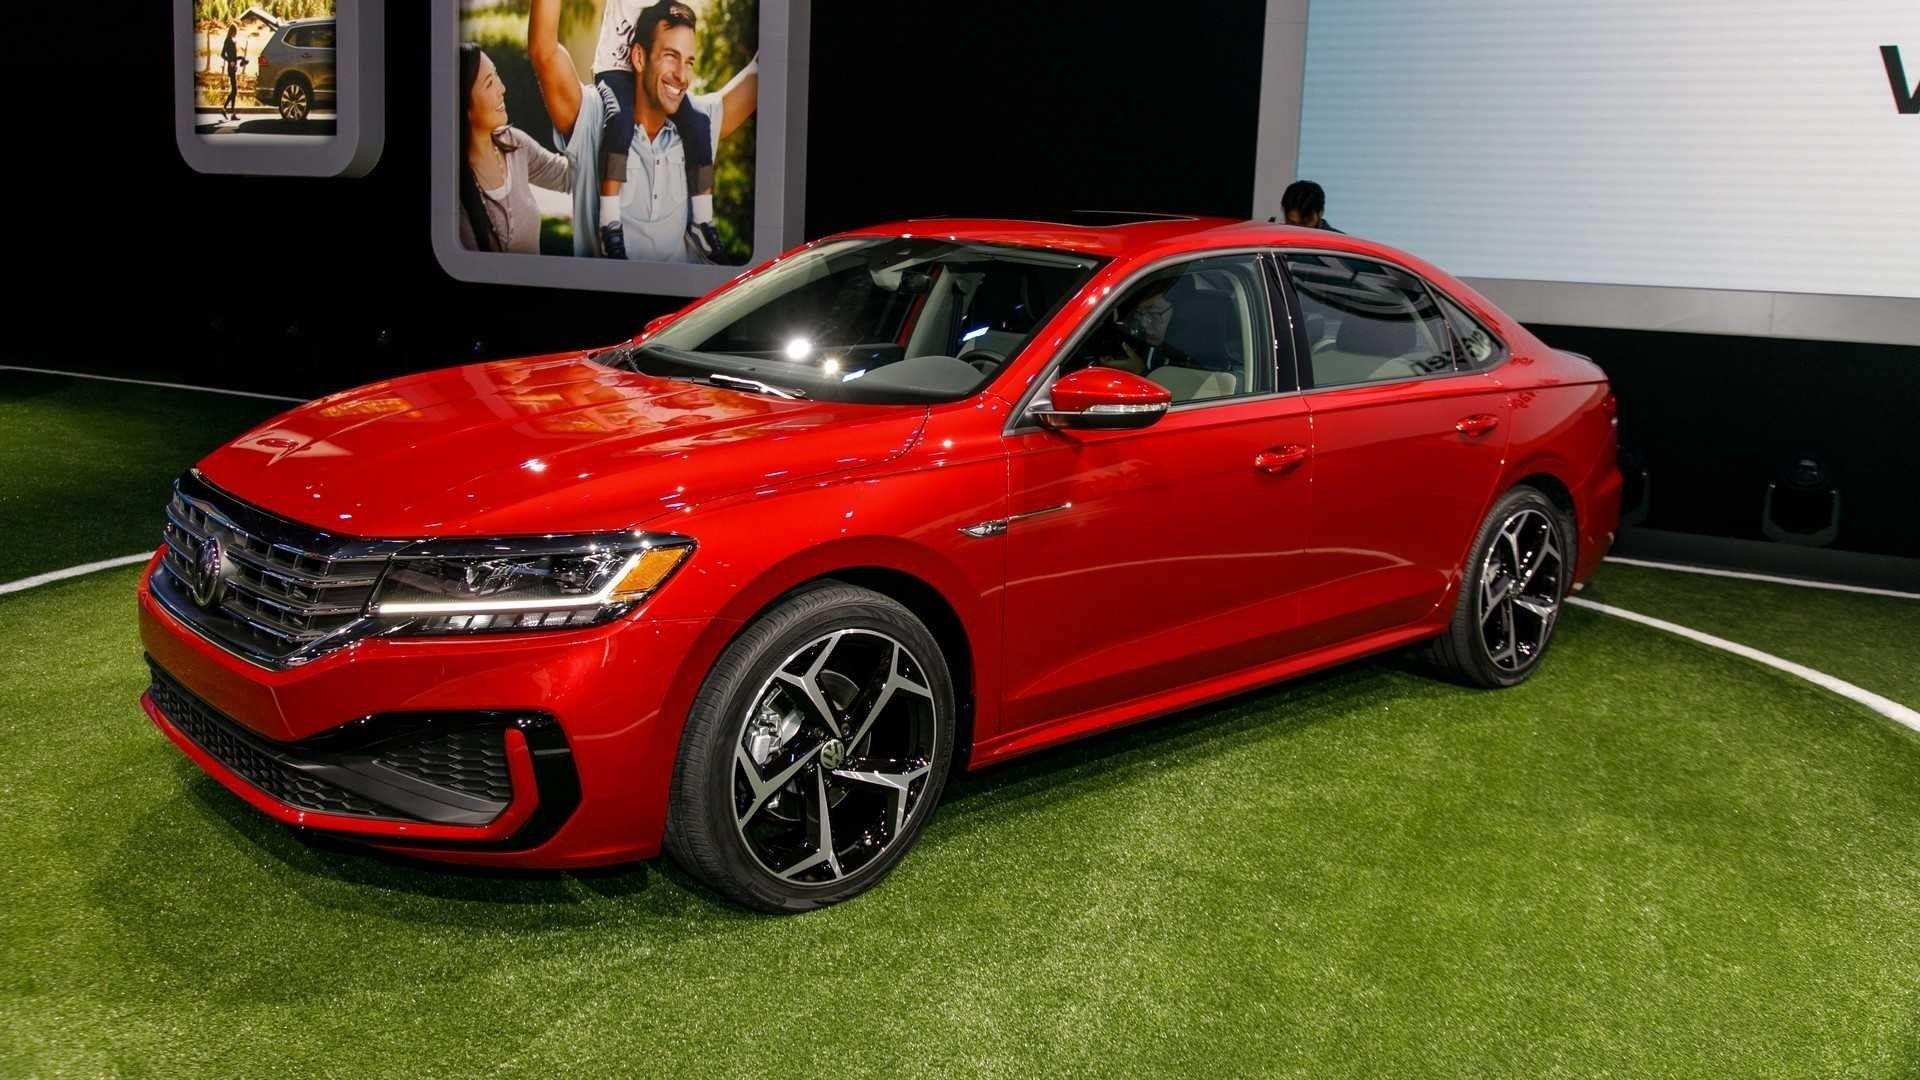 The Best New Vw Passat 2020 Style 2020 Cars Release Date Vw Passat Volkswagen Models Volkswagen